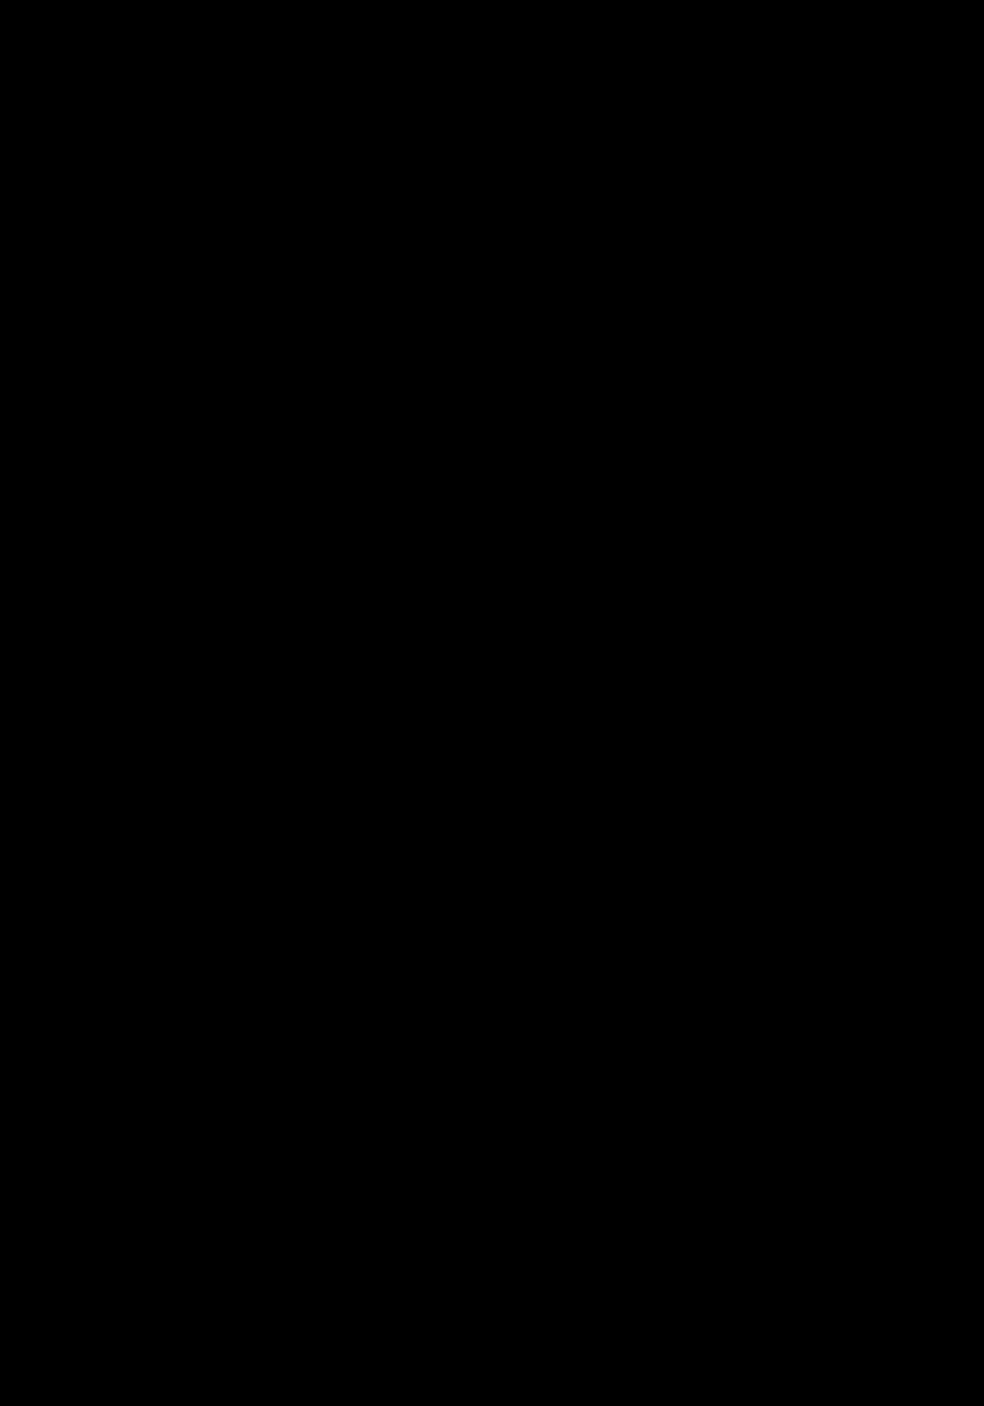 ナール D DNAR 縦組見本